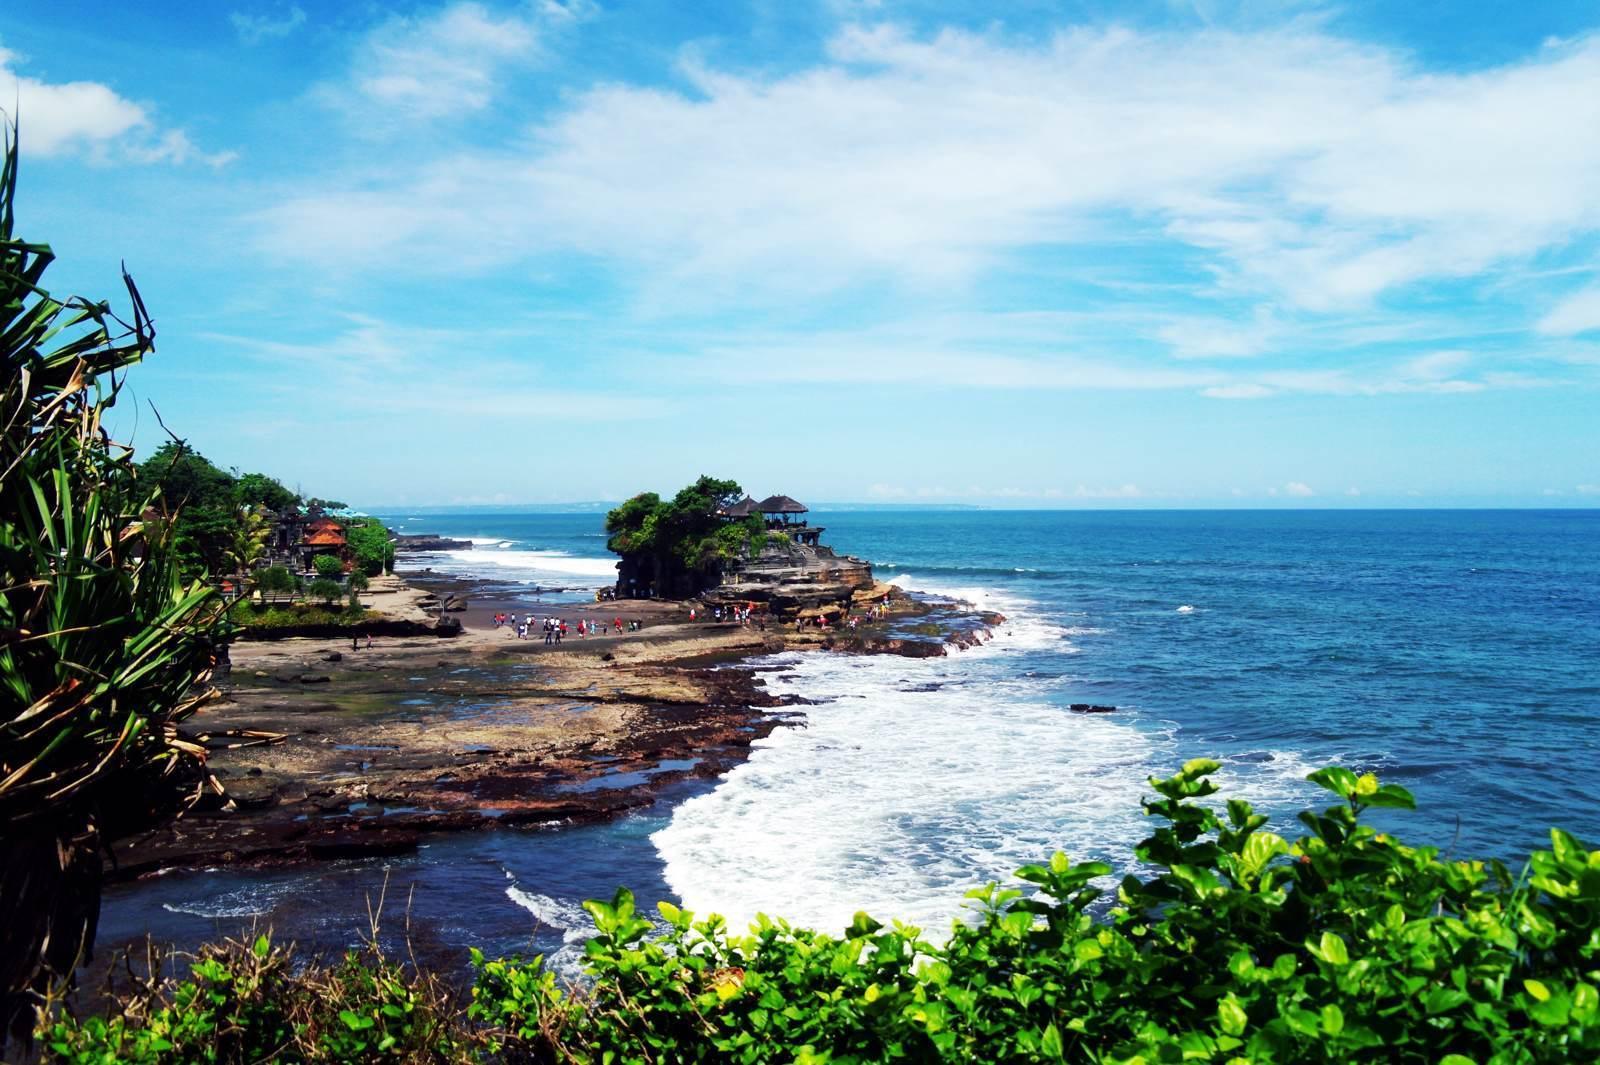 【春节】巴厘岛4晚5日至尊游(ga直航,游览蓝梦岛+贝尼达岛,海景下午